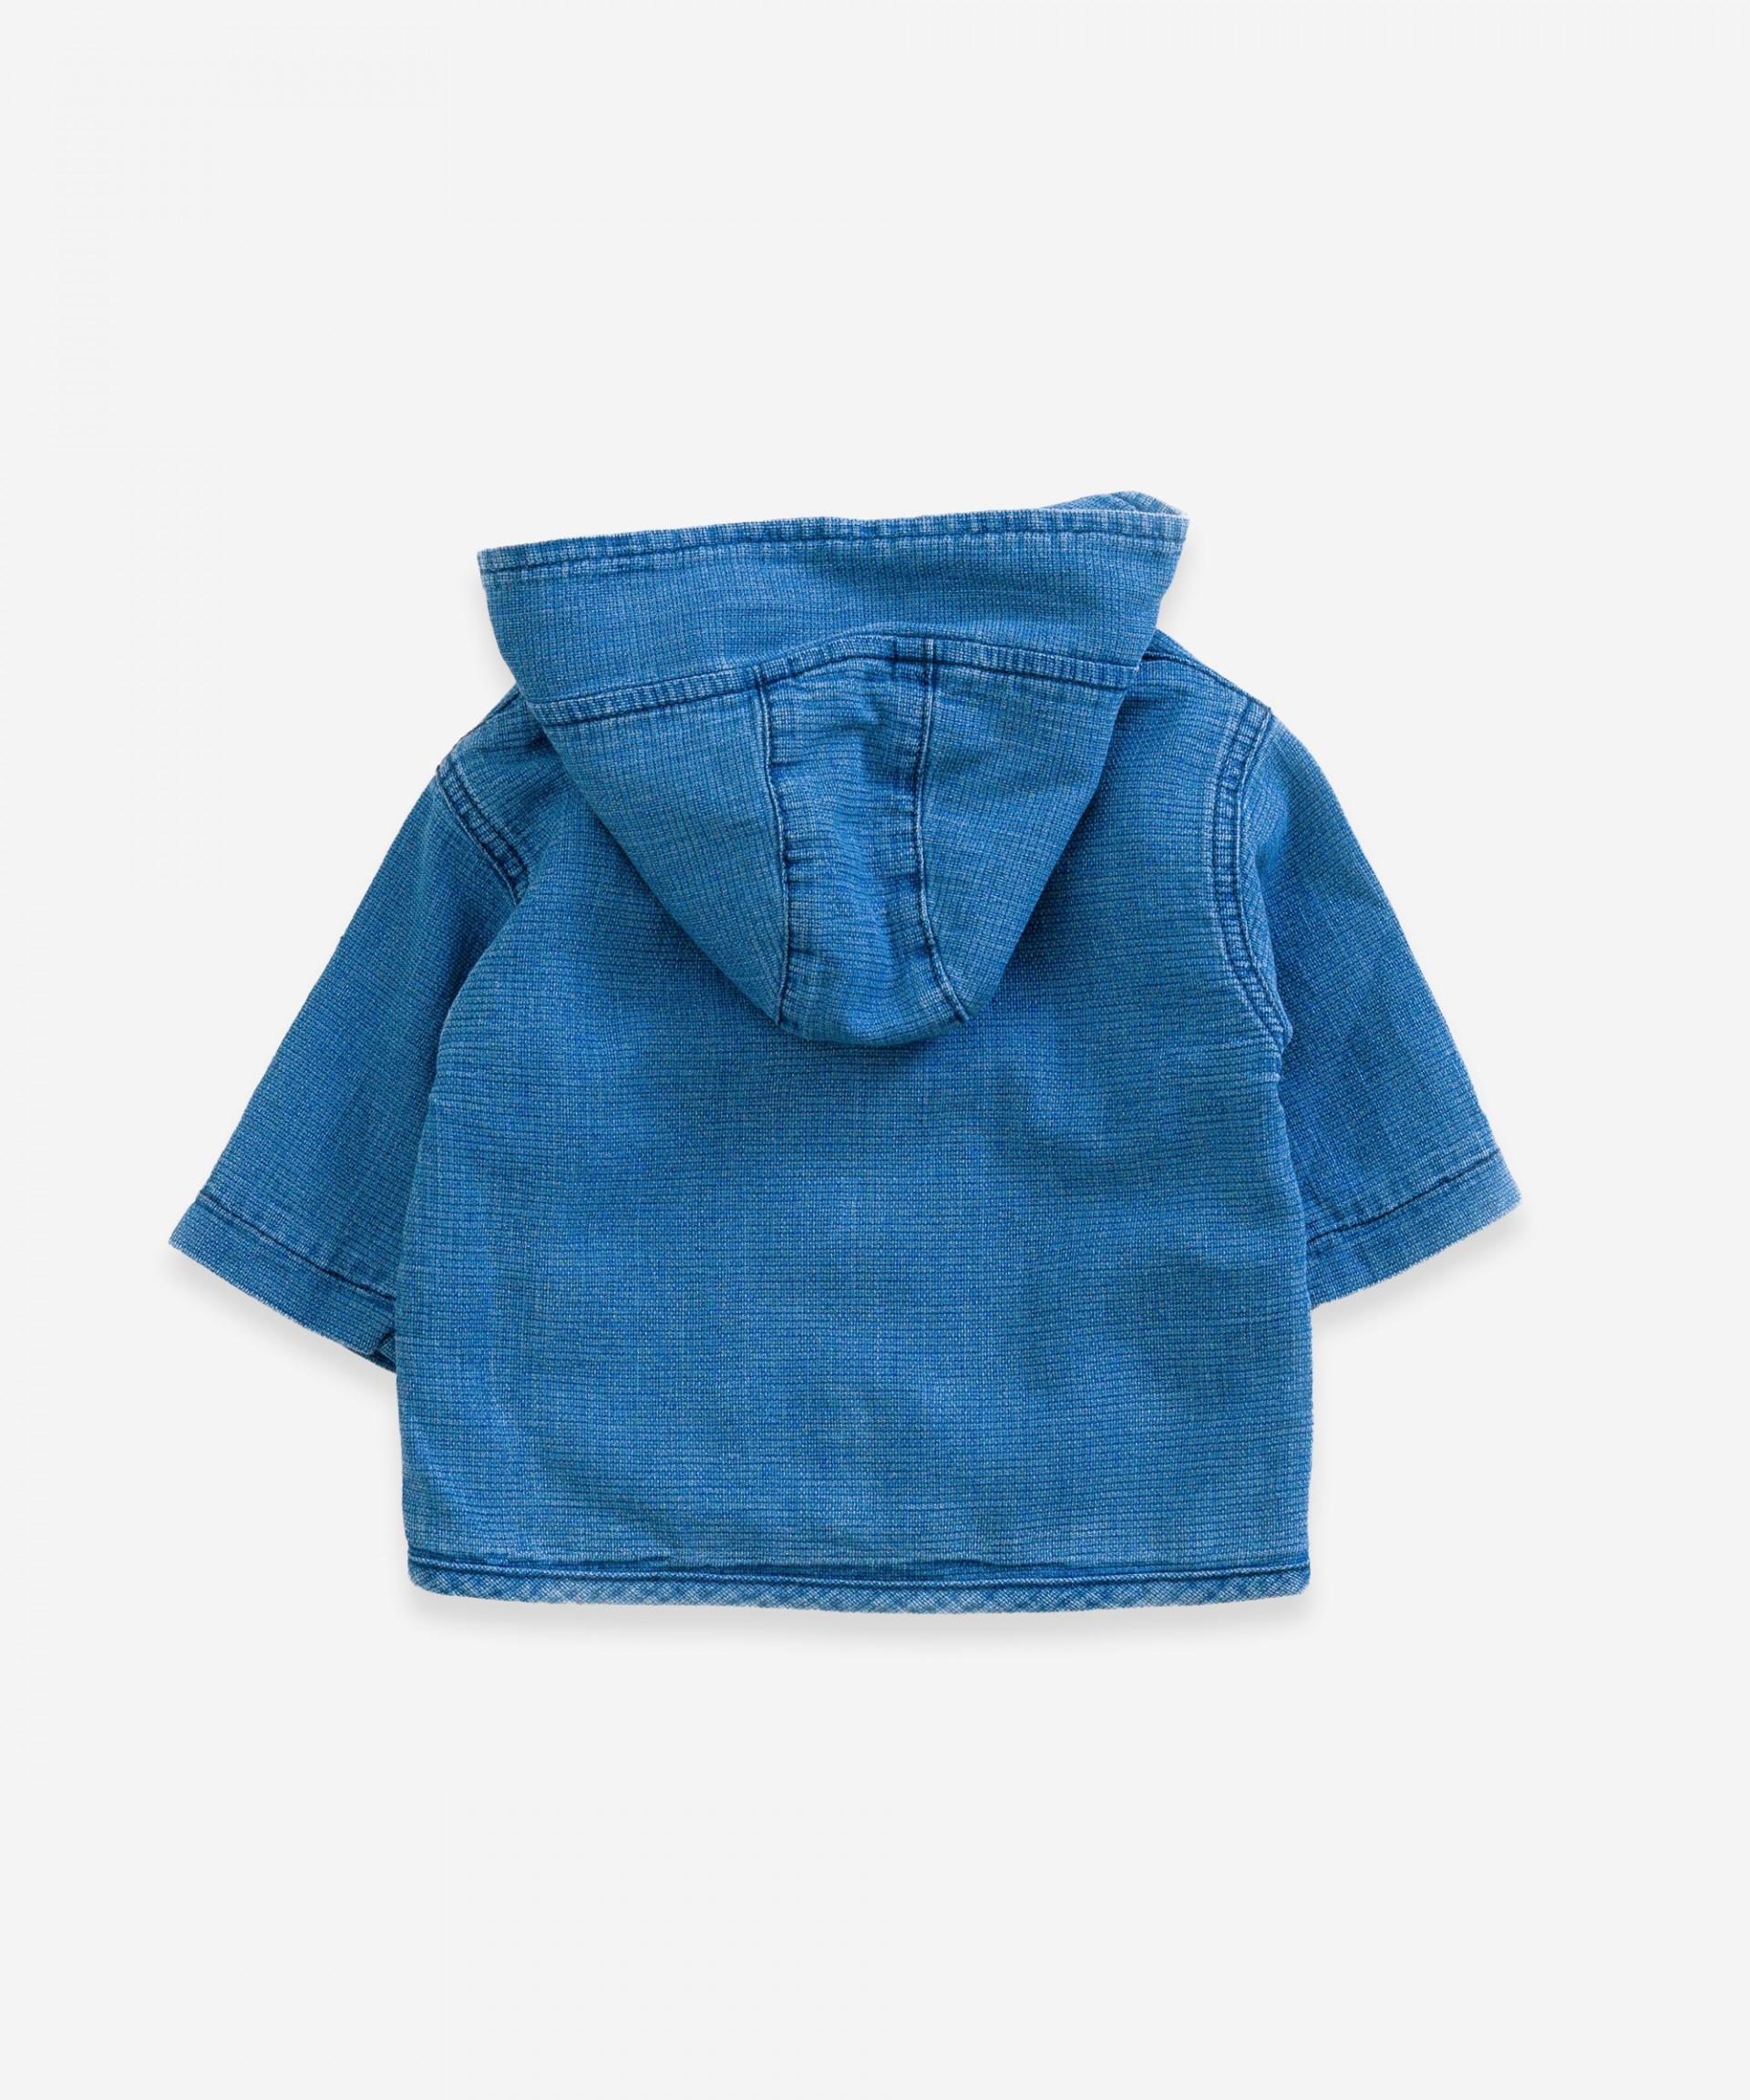 Cazadora vaquera con bolsillos | Weaving